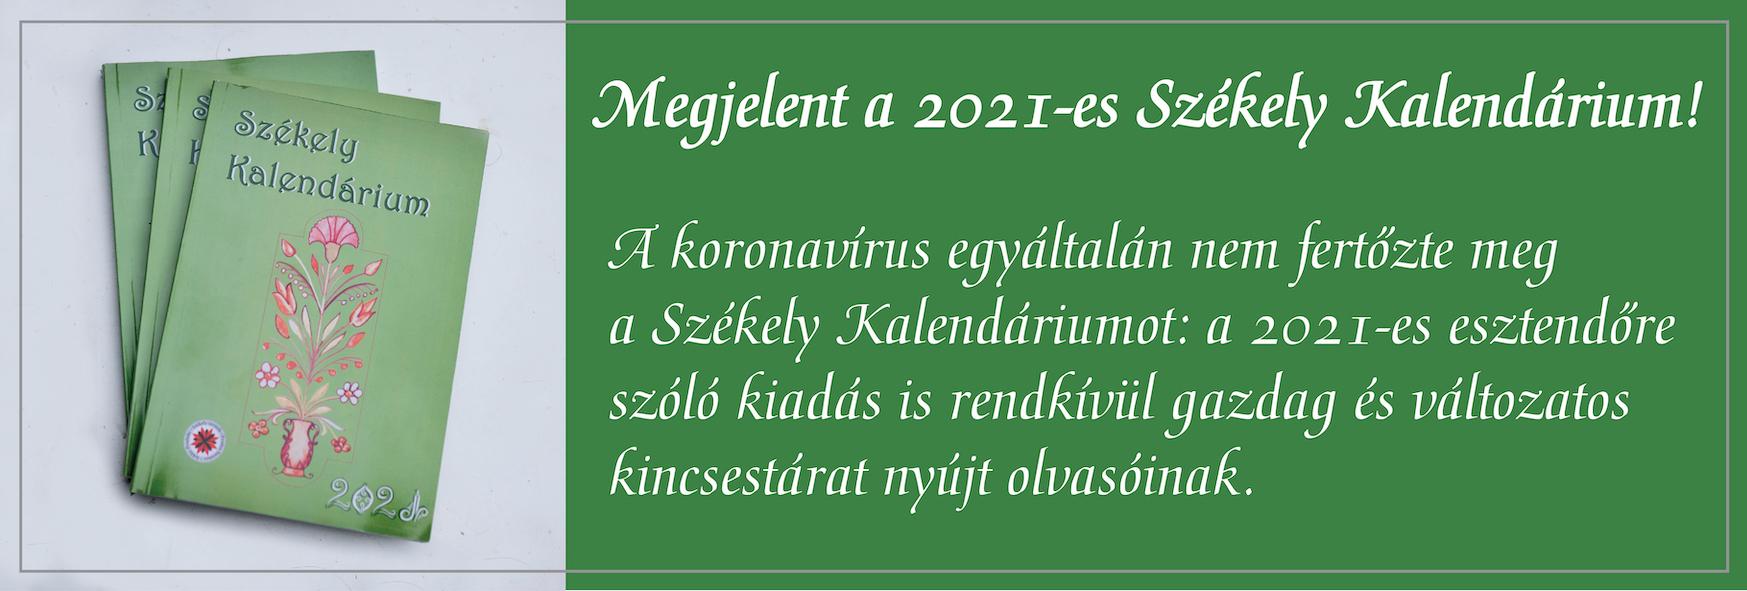 Székely Kalendárium 2021